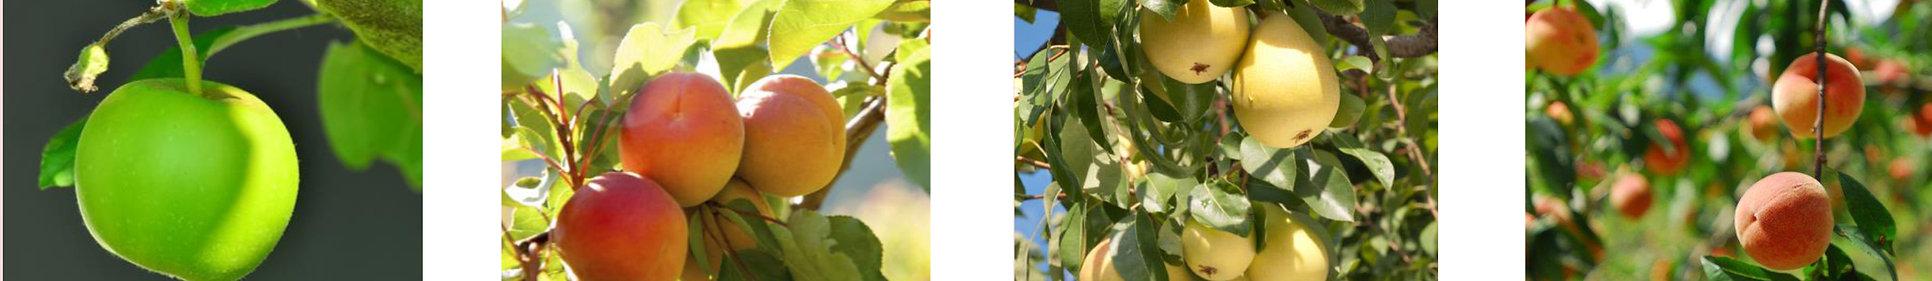 Ravifruit3.jpg